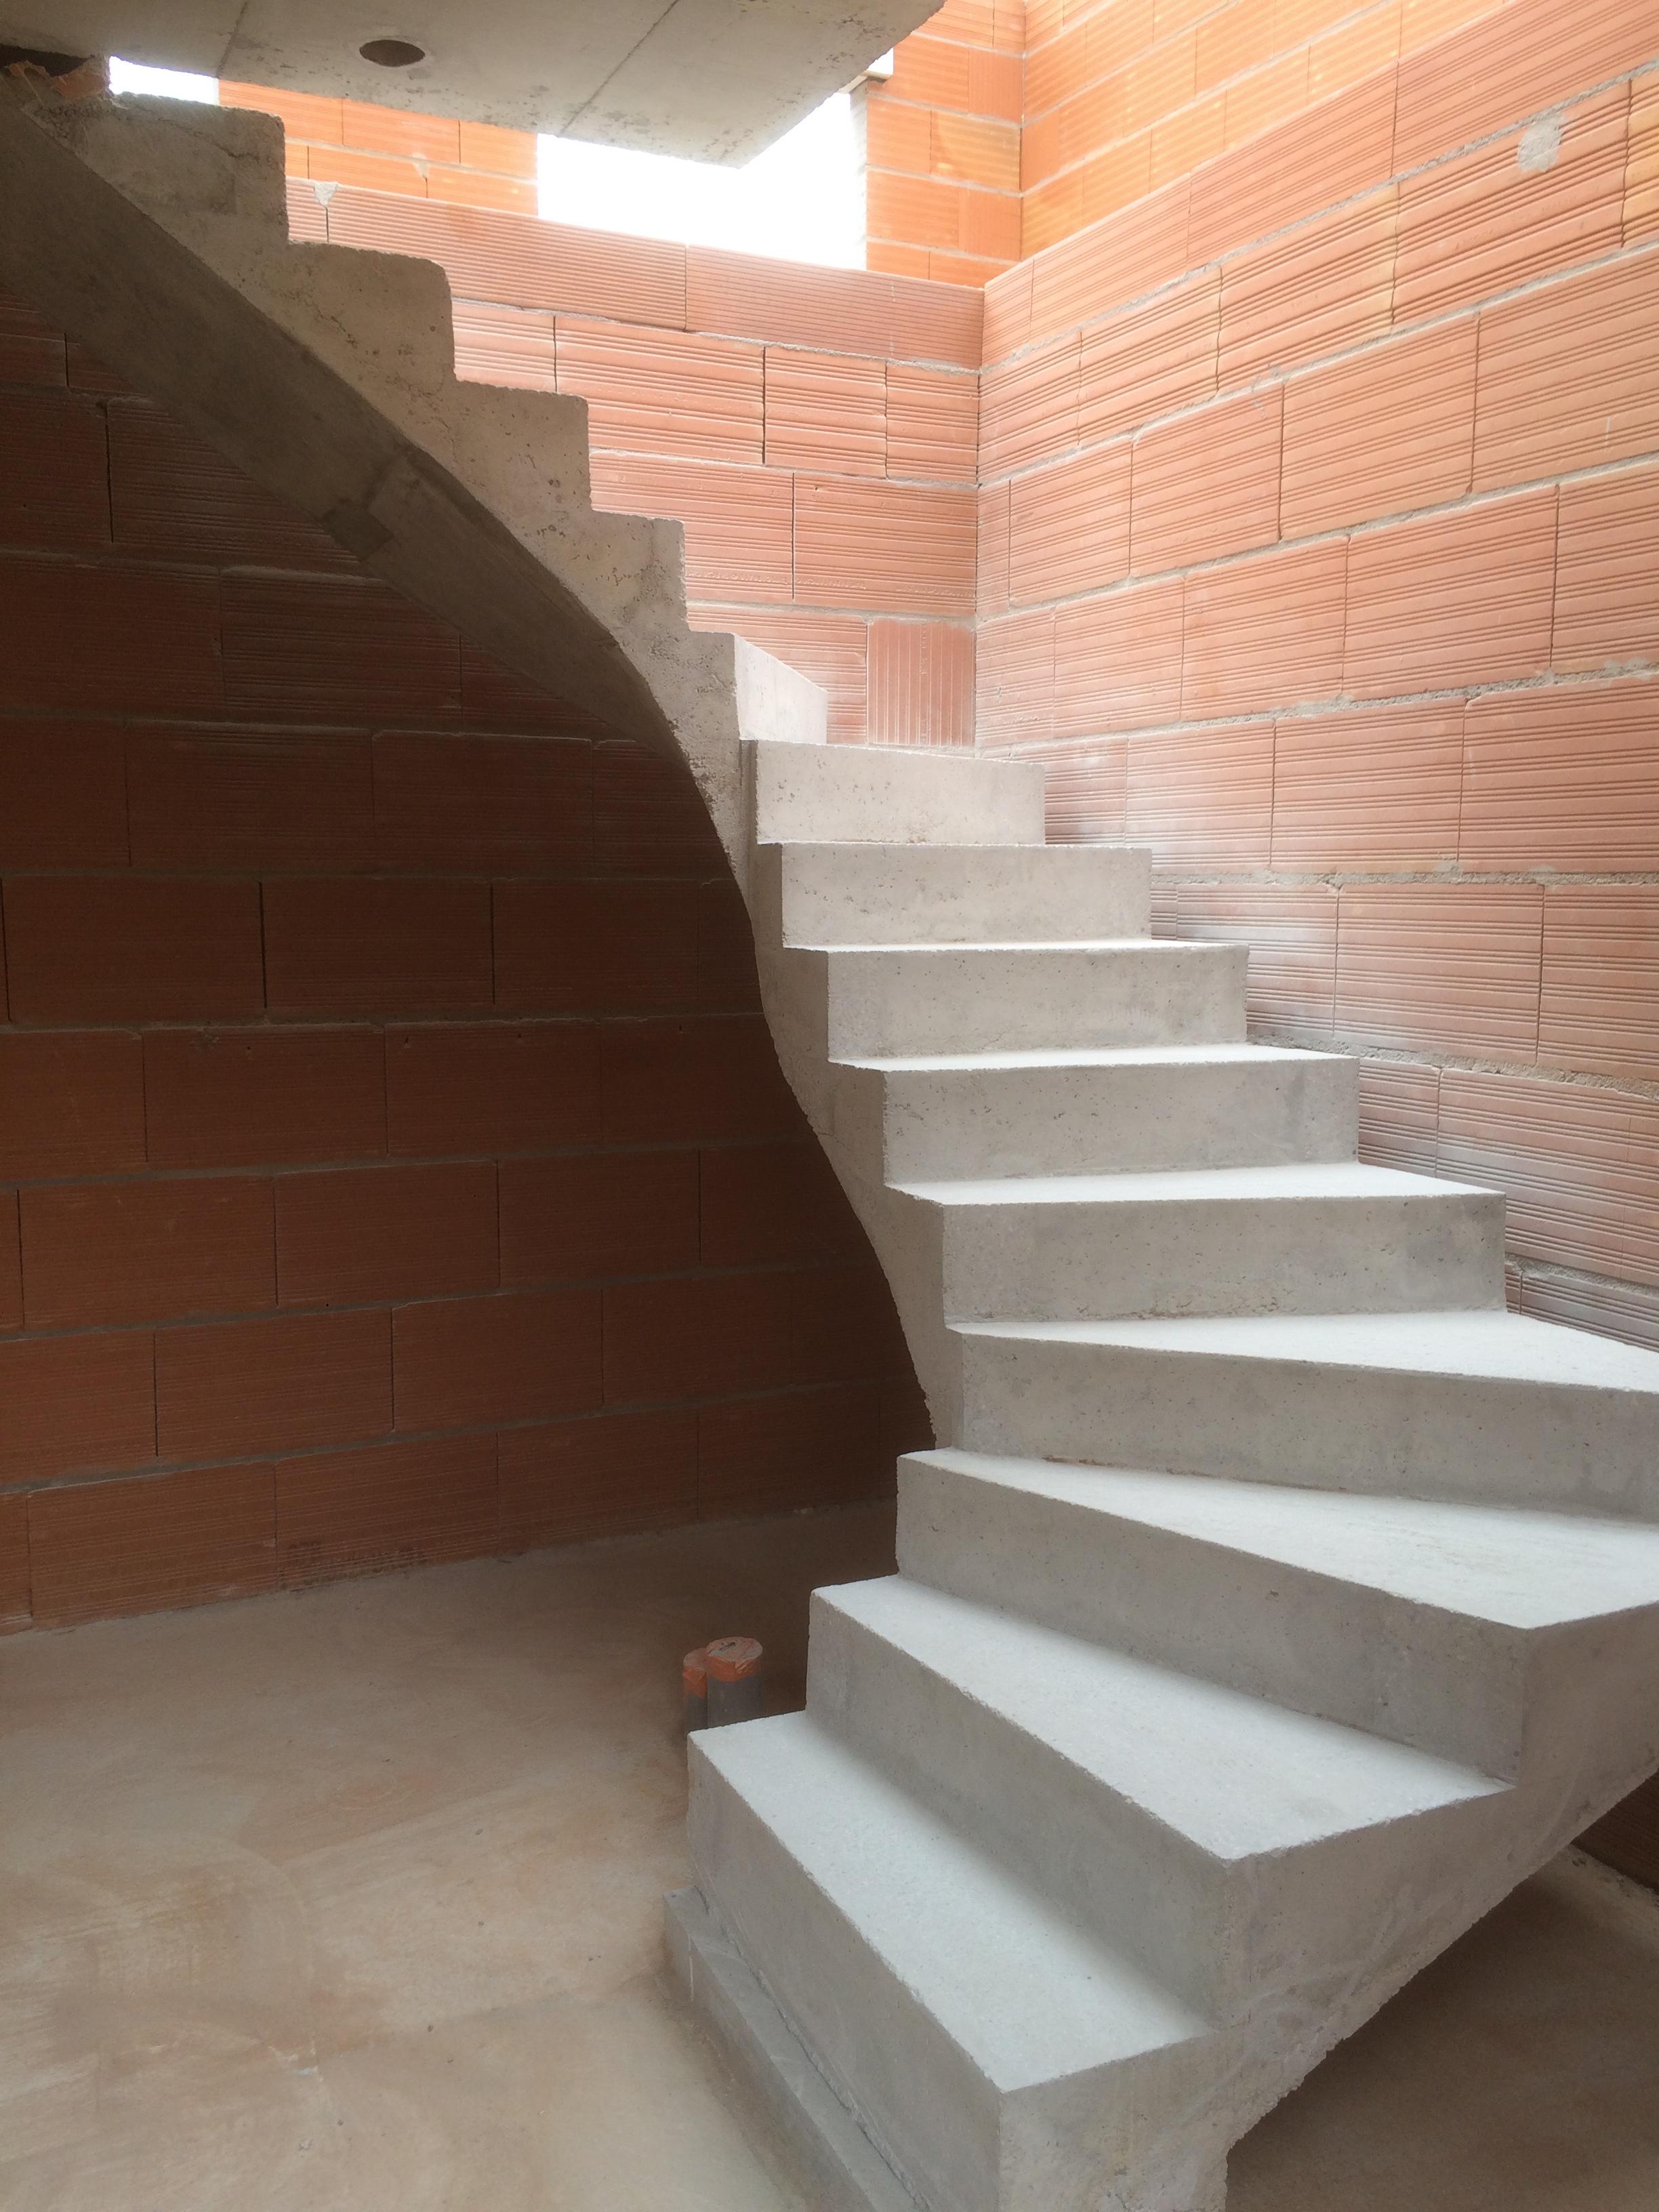 majestueux escalier à paillasse deux quart balancé en béton brut de décoffrage  a merignac proche de Bordeaux en Aquitaine pour un constructeur